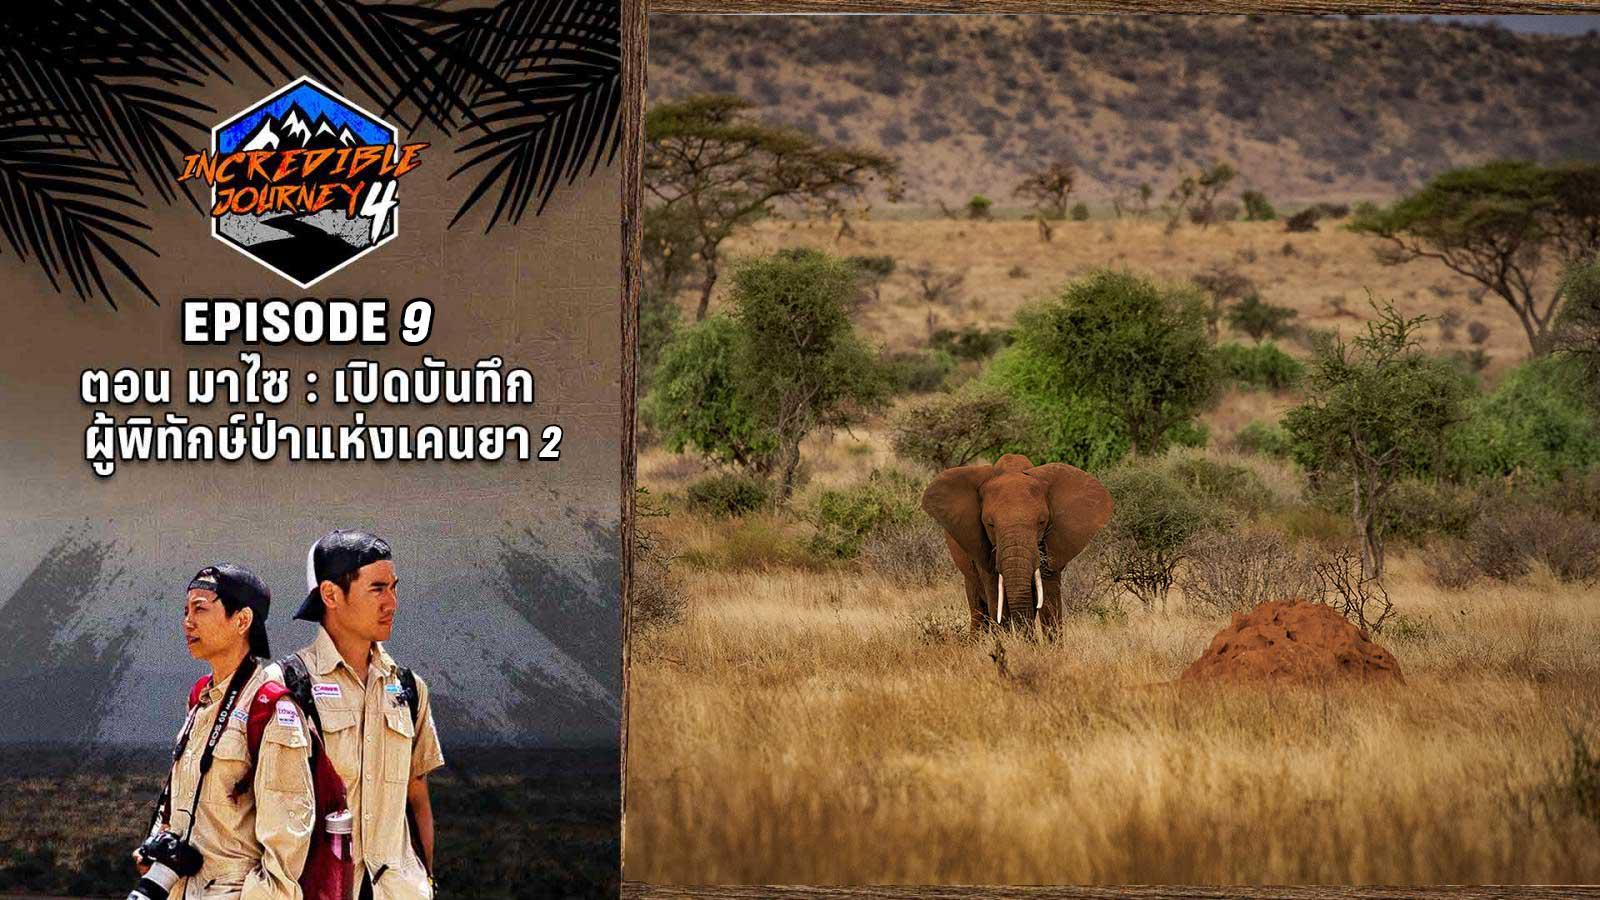 มาไซ : เปิดบันทึกผู้พิทักษ์ป่าแห่งเคนย่า 2